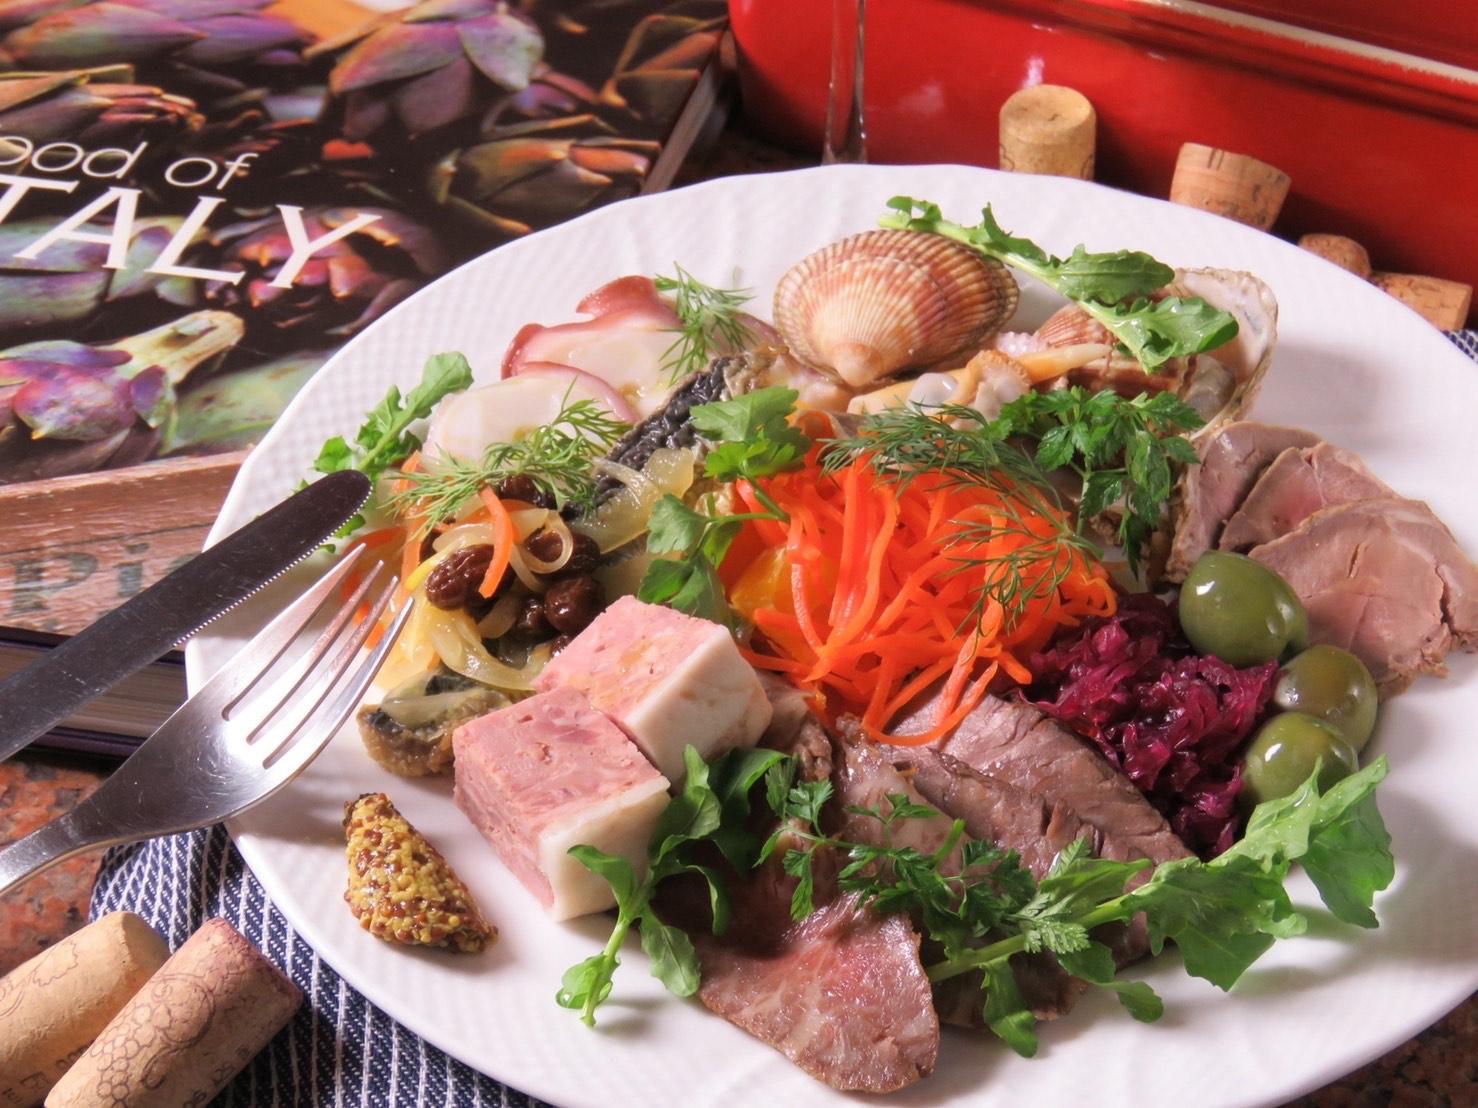 自家製ハムや旬の魚菜を一皿で楽しめる「本日のいろいろ前菜の盛り合わせ」2人前¥1,300〜(税別)